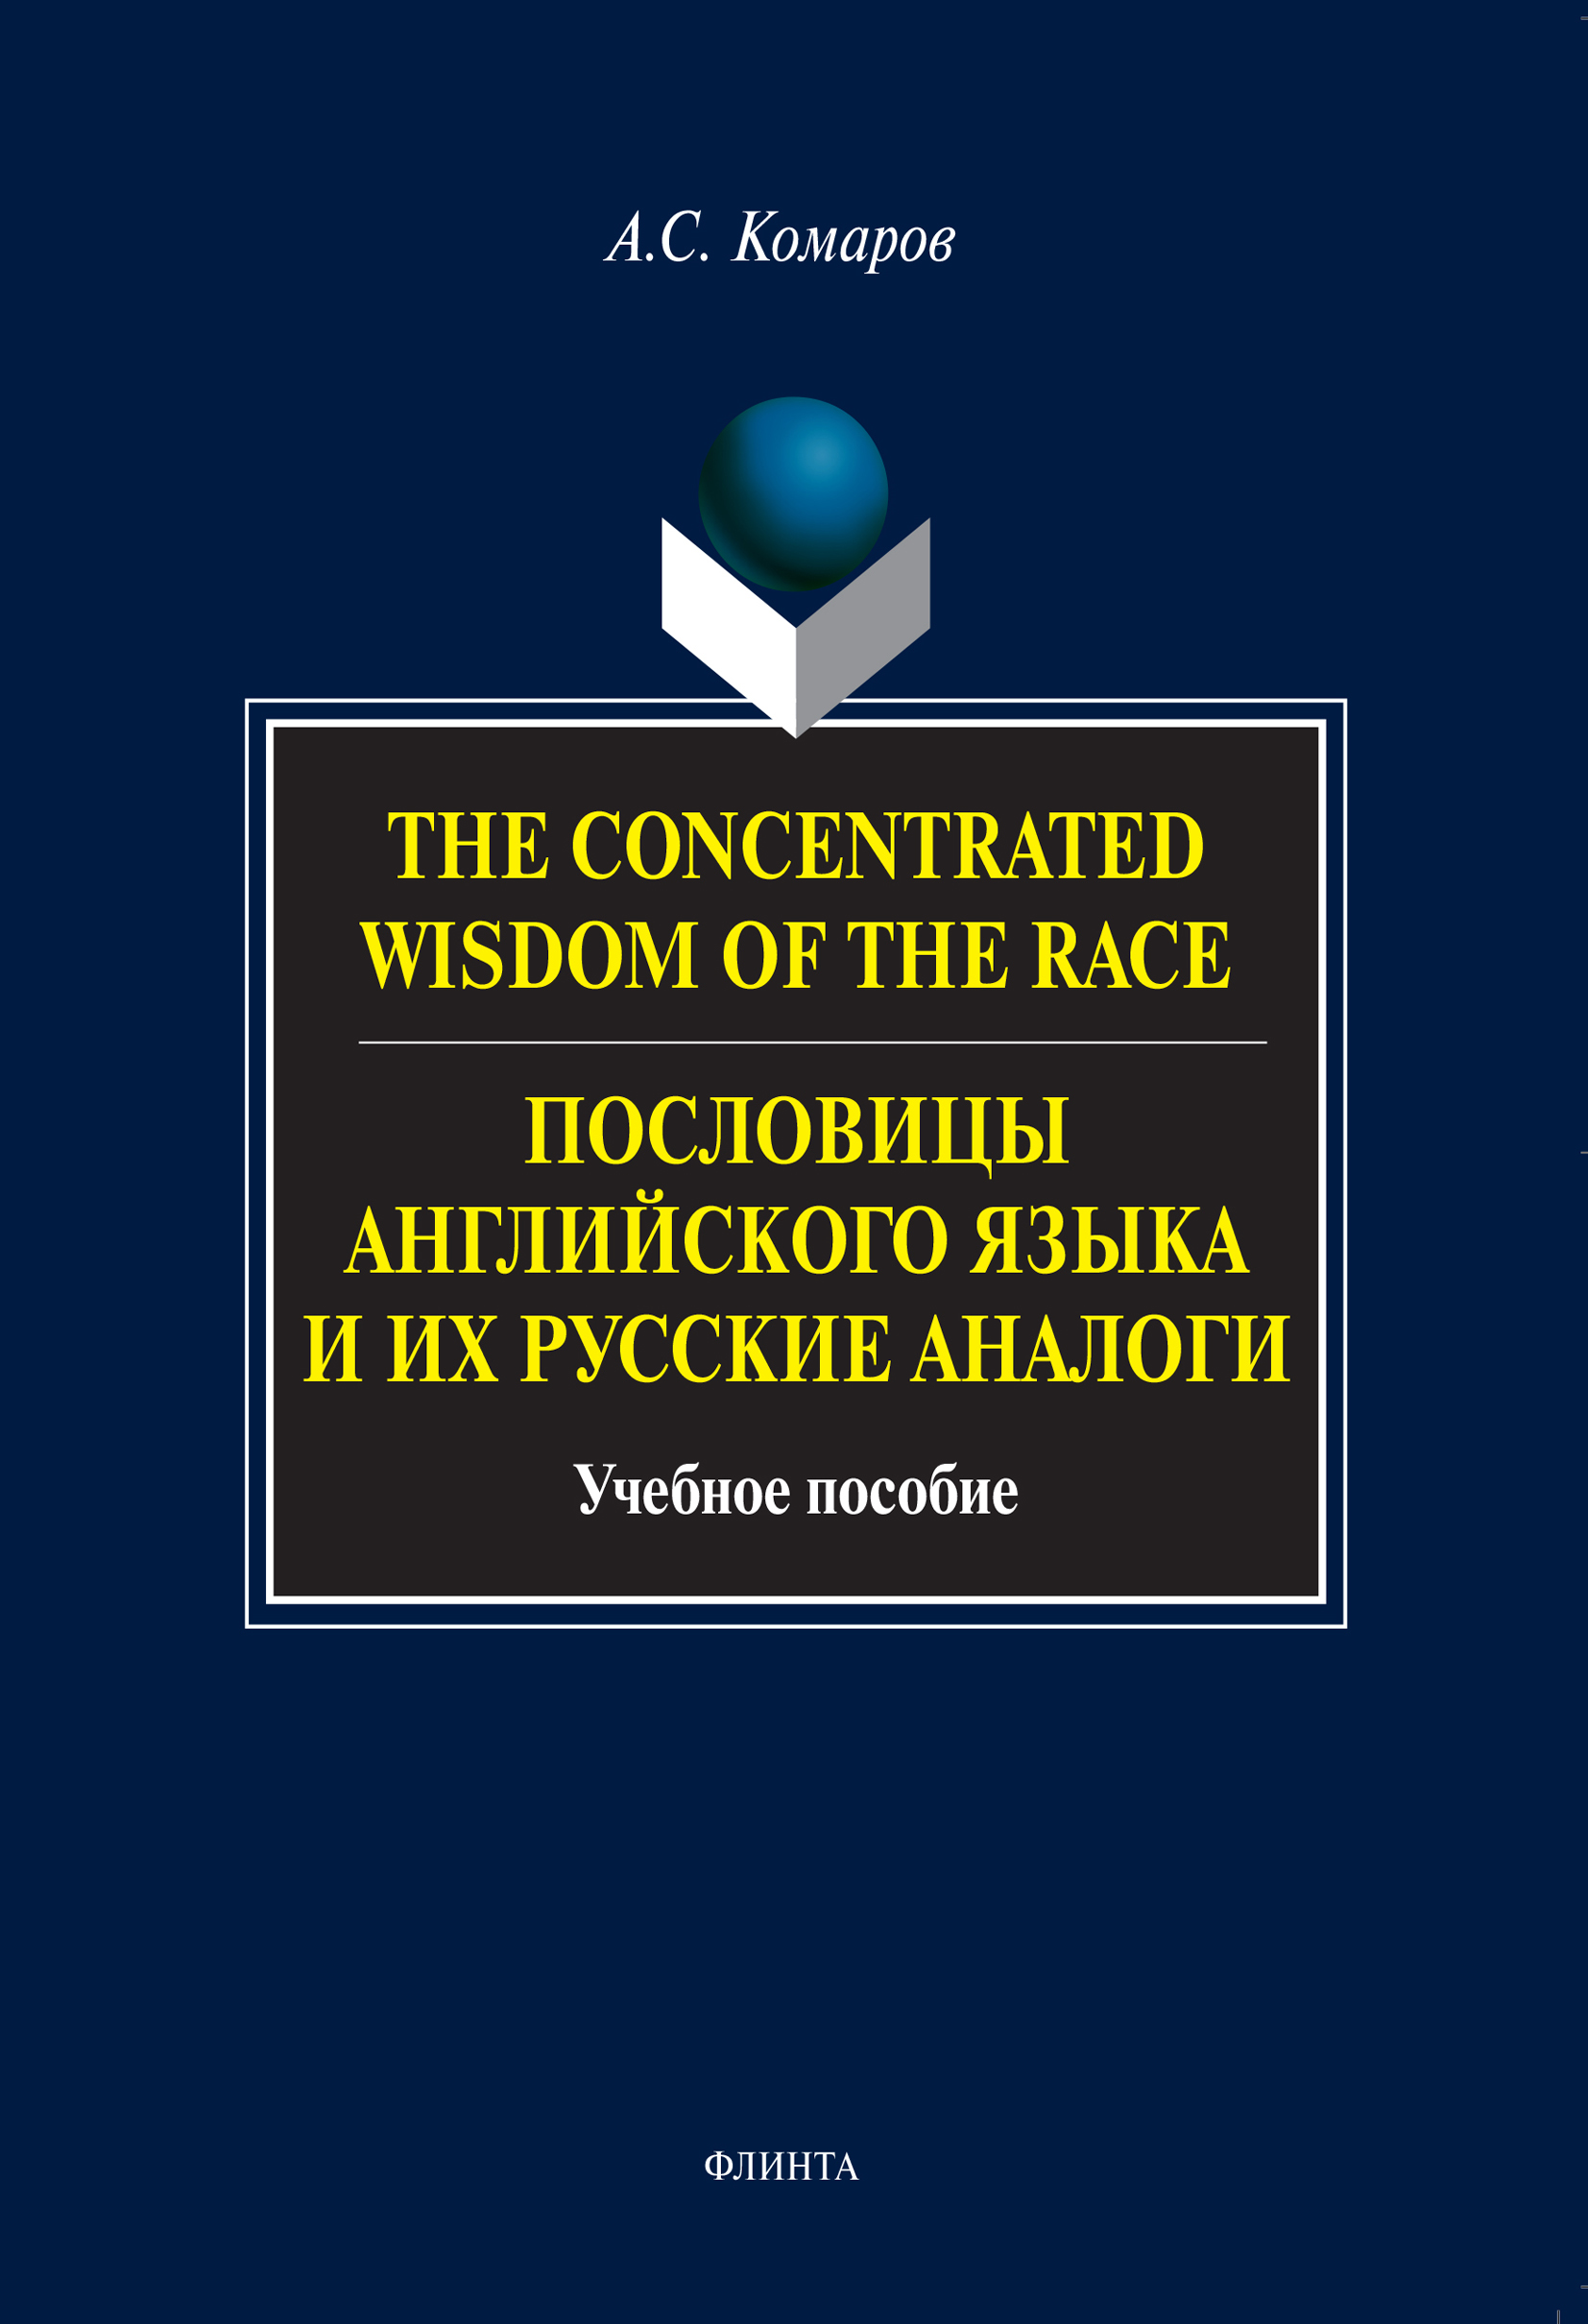 А. С. Комаров The Concentrated Wisdom of the Race. Пословицы английского языка и их русские аналоги. Учебное пособие